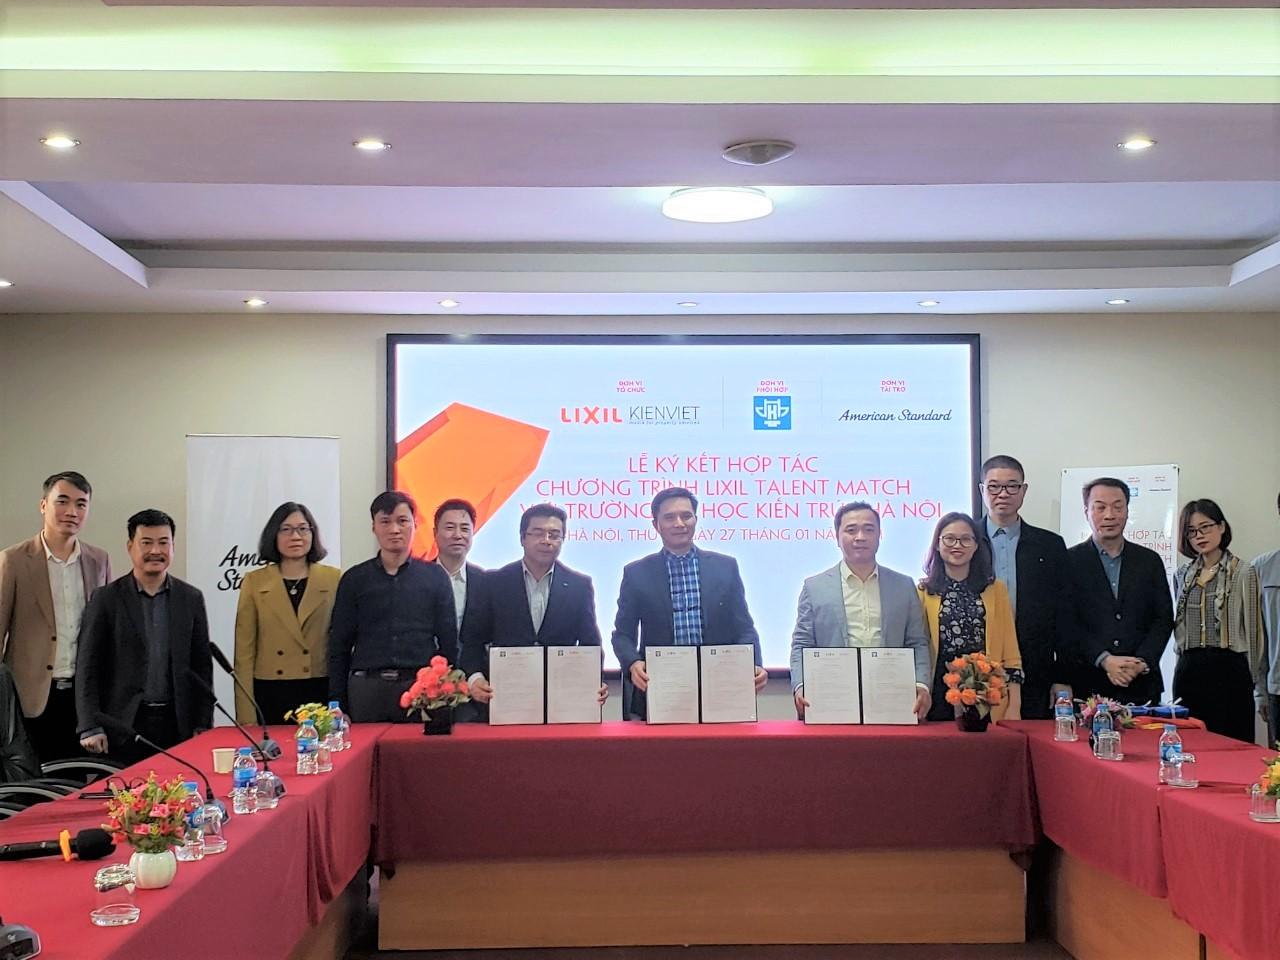 PGS.TS.KTS Lê Quân, Ông Nguyễn Trường Chinh và Ông Vương Đạo Hoàng đại diện các bên ký kết Thỏa thuận hợp tác Chương trình LIXIL Talent Match